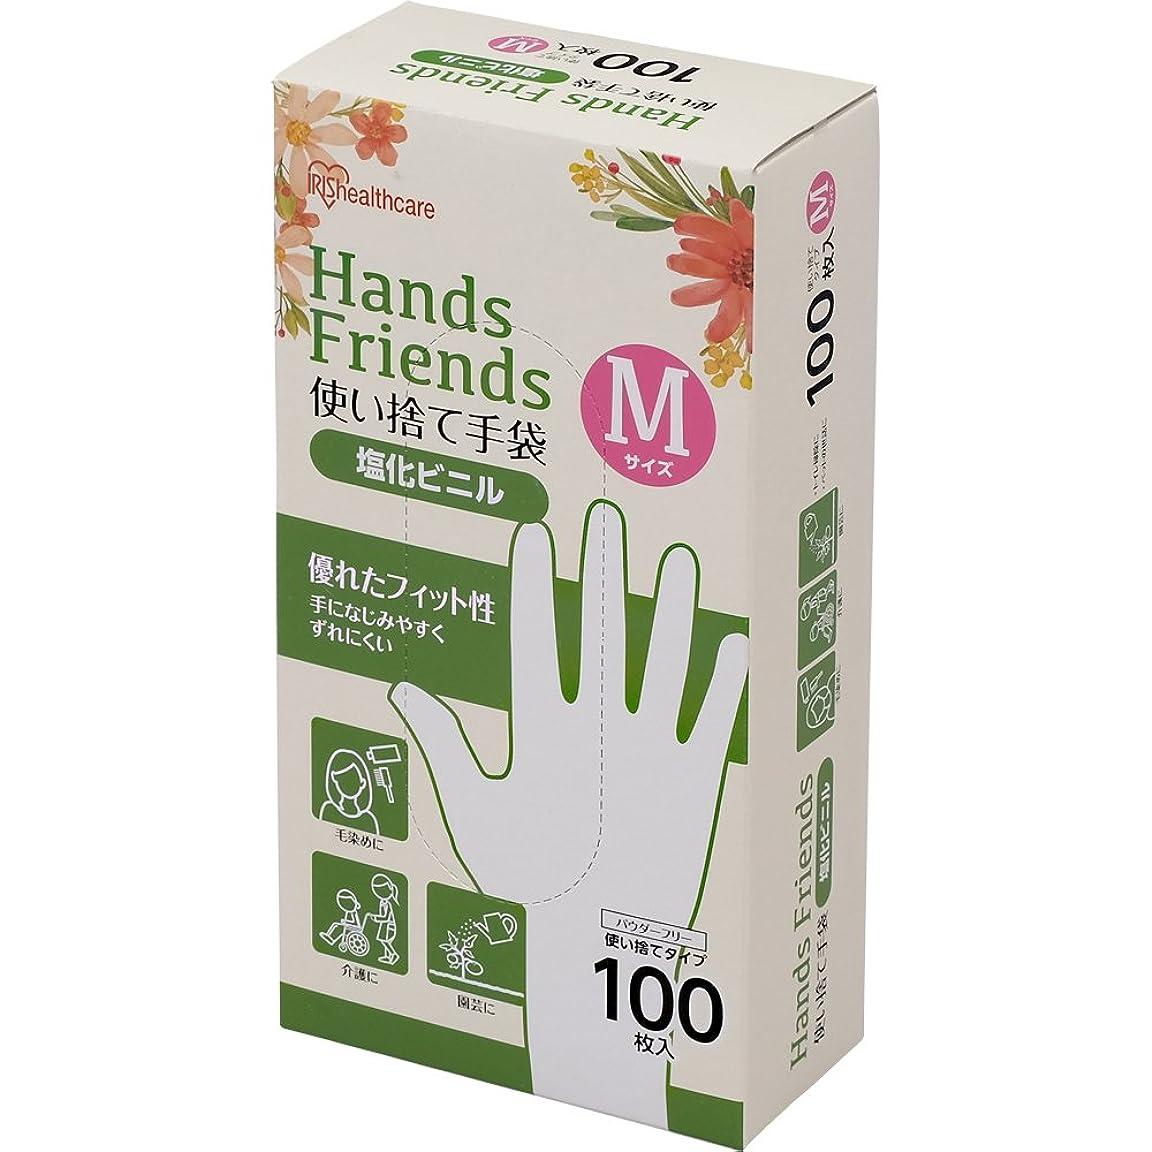 観光に行く期待して家庭教師使い捨て手袋 クリア 塩化ビニル 100枚 Mサイズ PVC-100M